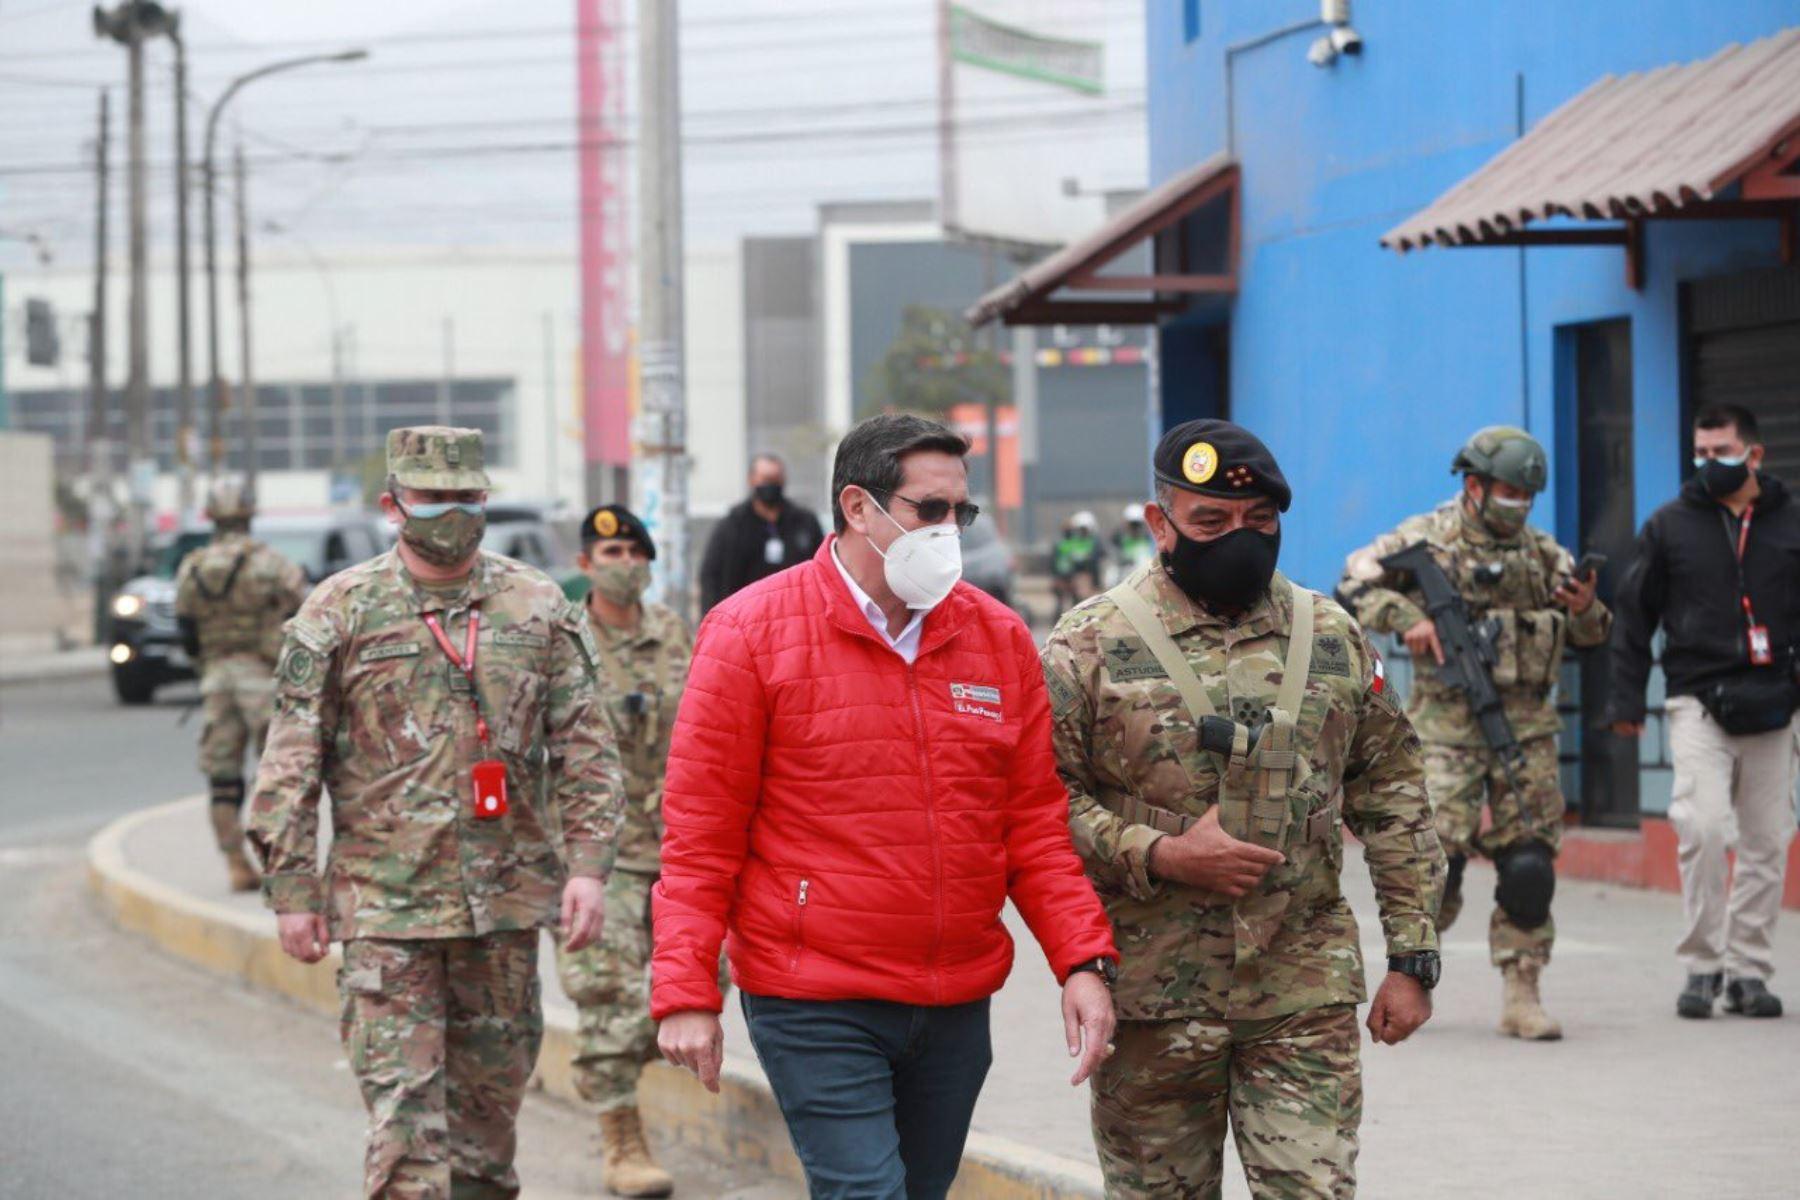 Ministro de Defensa y jefe del Comando Conjunto supervisan inmovilización social   Noticias